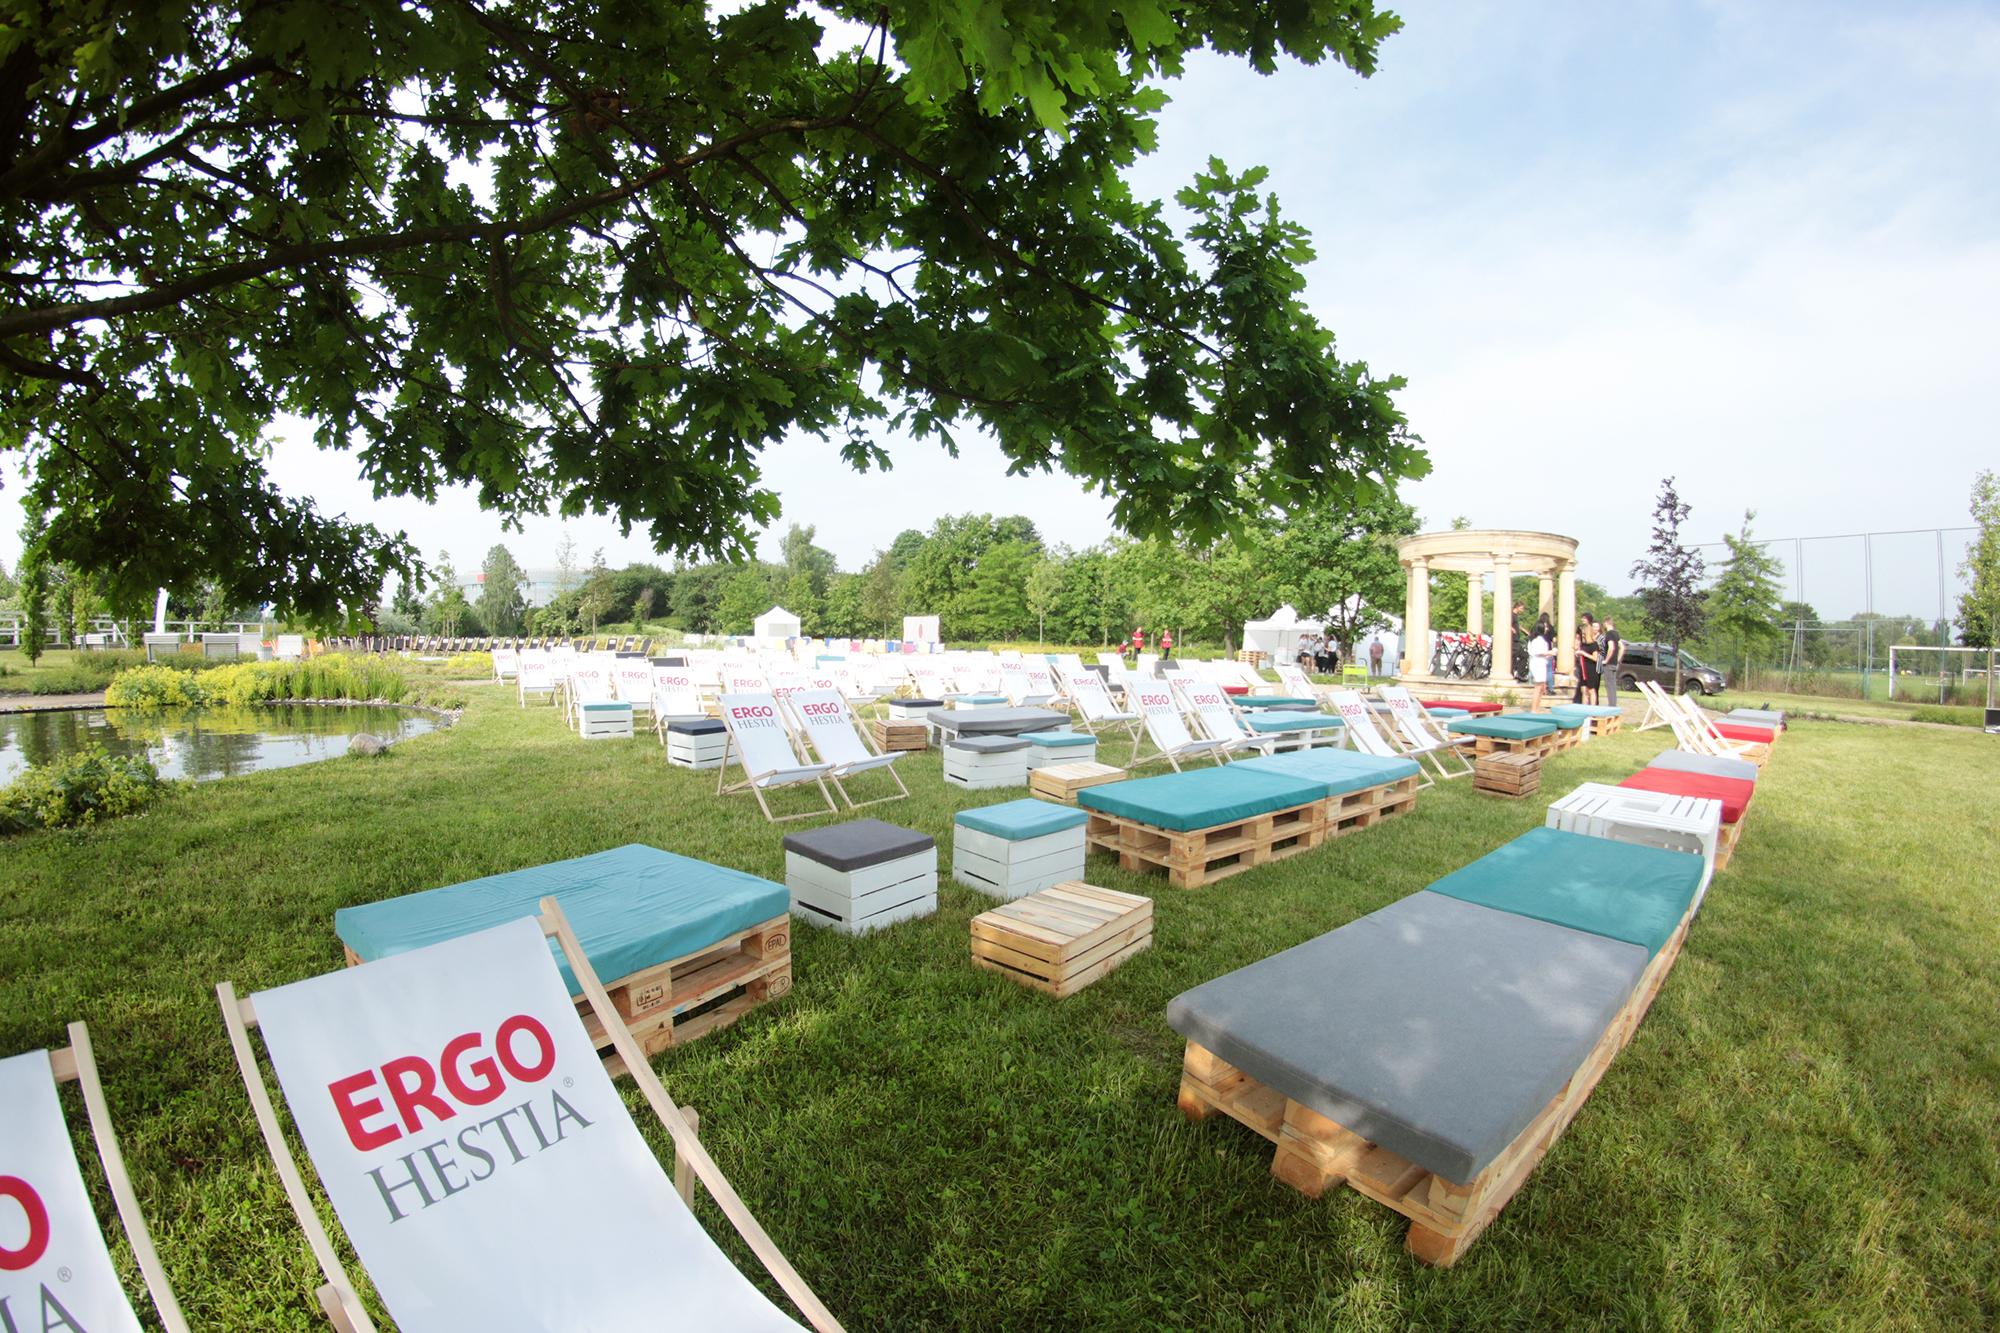 Siedziska Manolo z palet pufy sego eko stoliki lezaki Wynajem Mebli Magnetic Group Trojmiasto Gdynia Gdansk Sopot